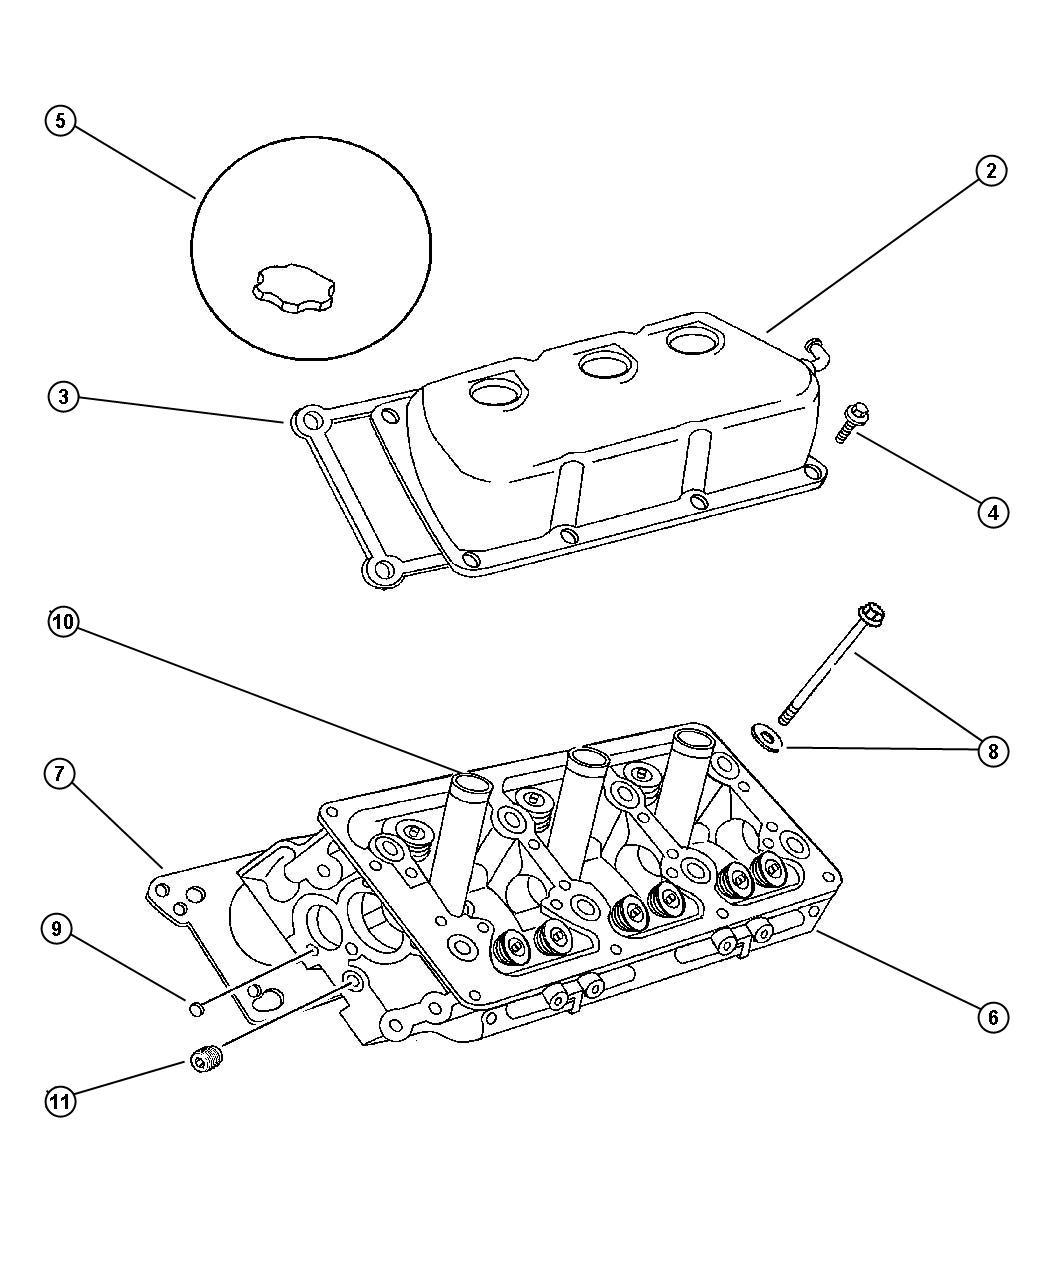 1999 Dodge Intrepid Plug. Hex socket. 3/8-18npt. Cylinder